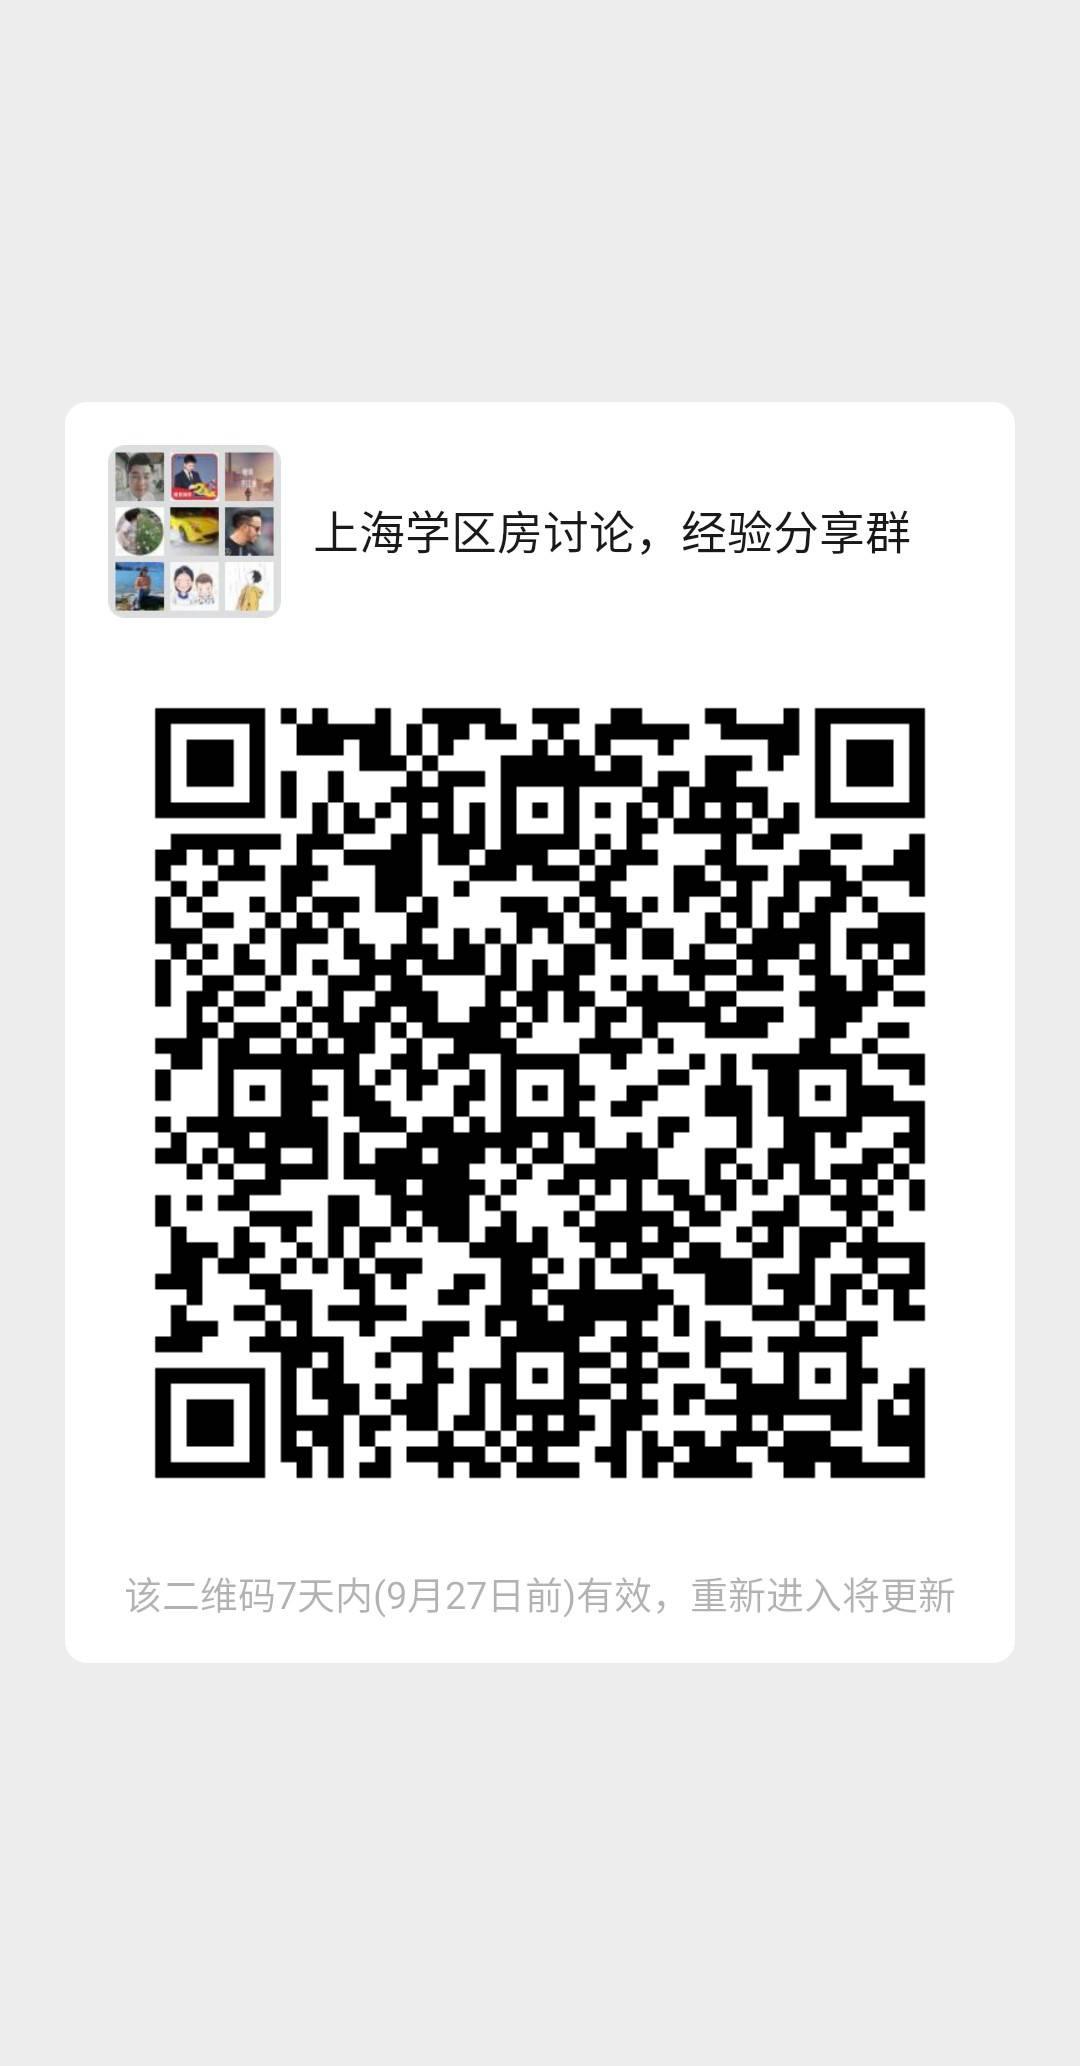 2020-09-20 18.45.27.jpg